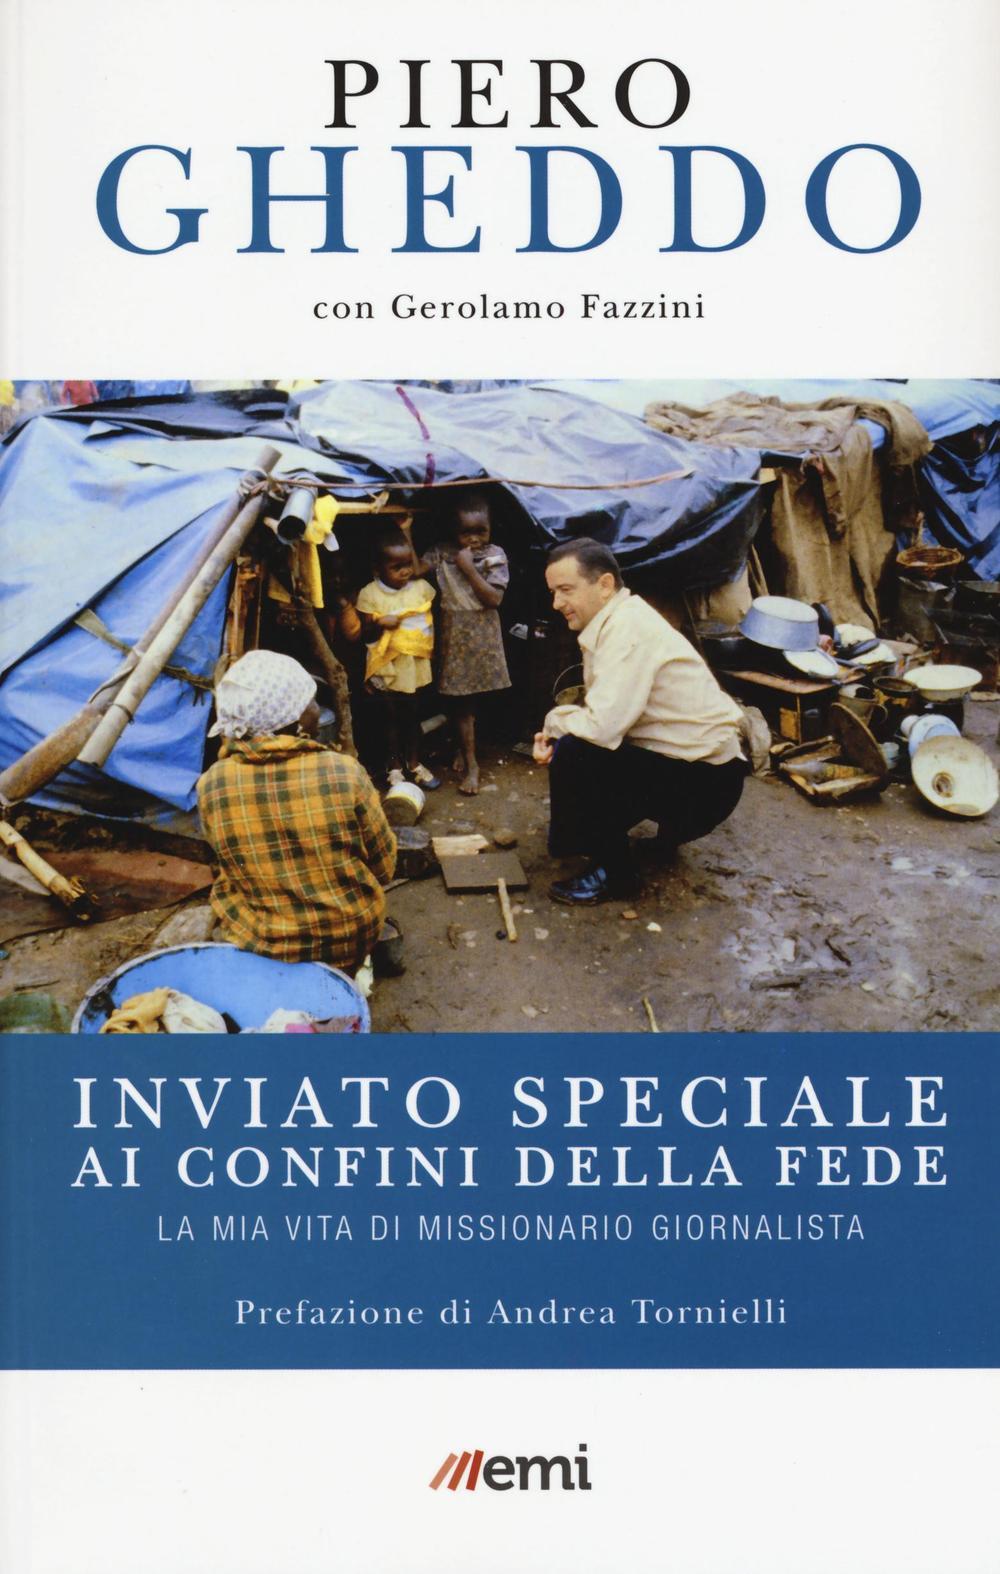 INVIATO SPECIALE AI CONFINI DELLA FEDE - 9788830723511